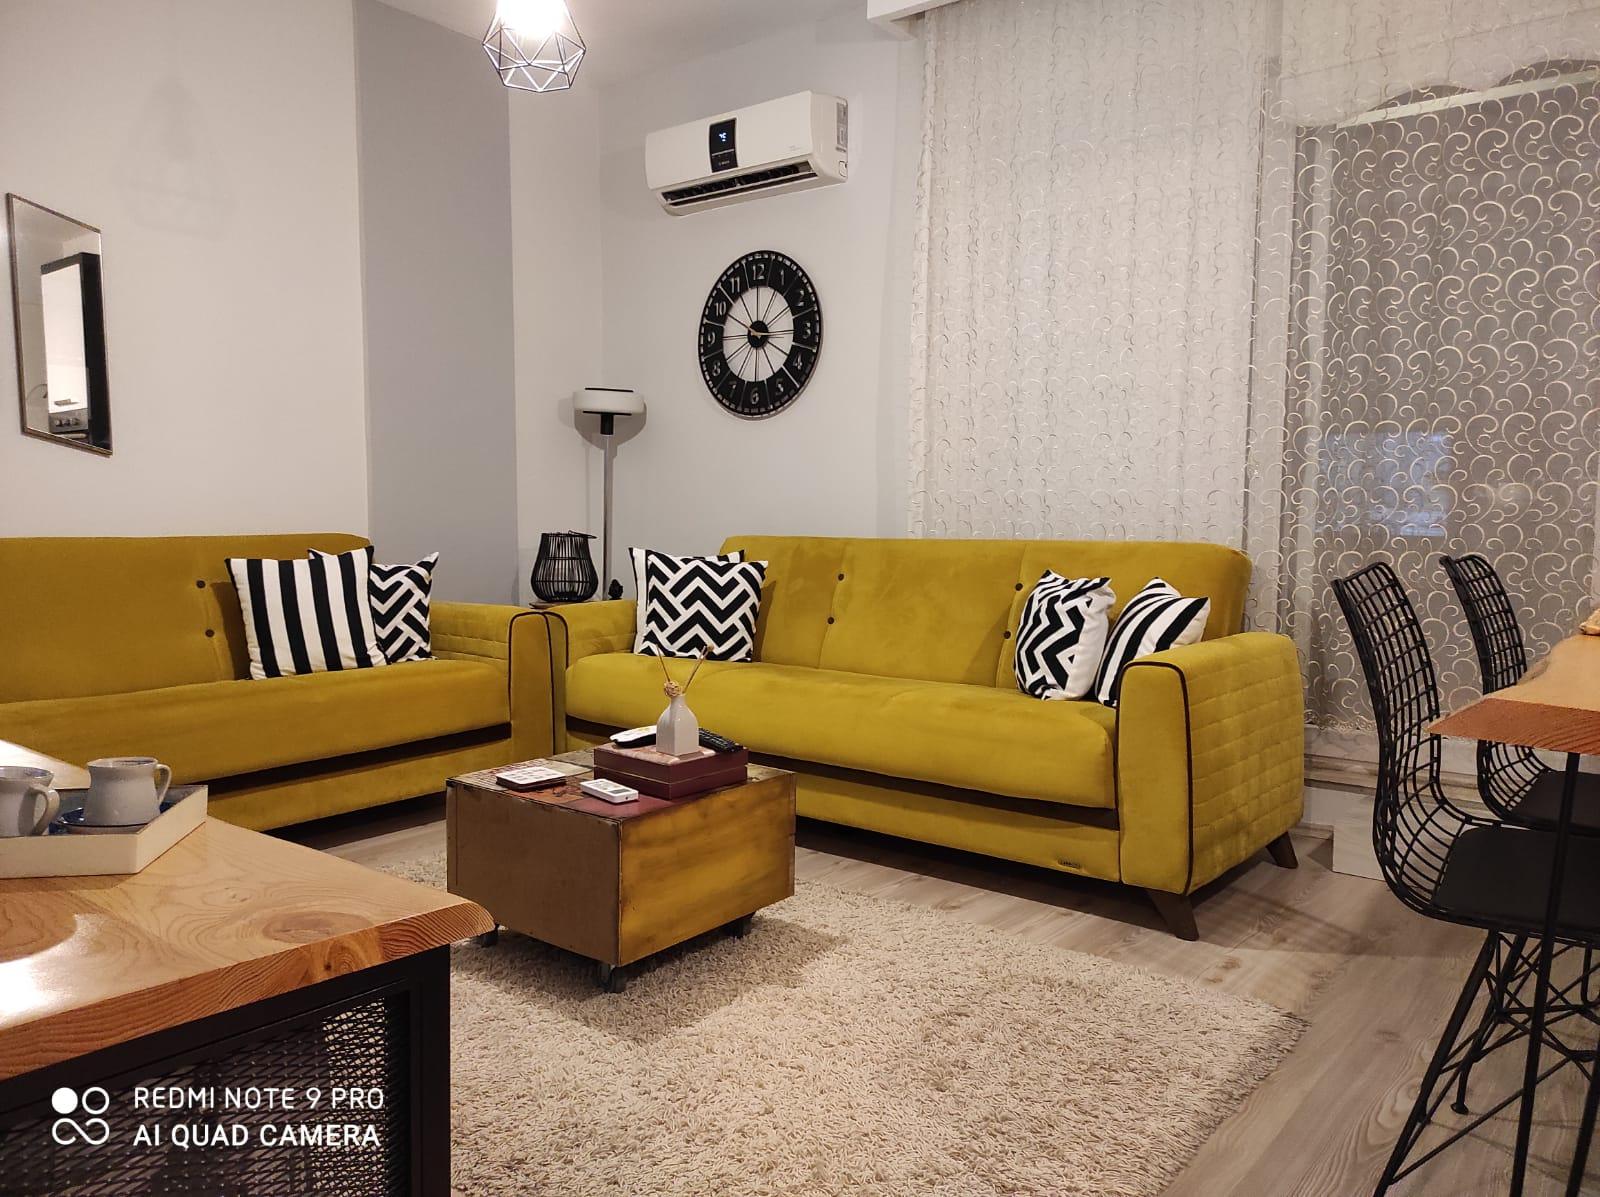 شقة دوبليكس للبيع في أرقى منطقة في كونيالتي